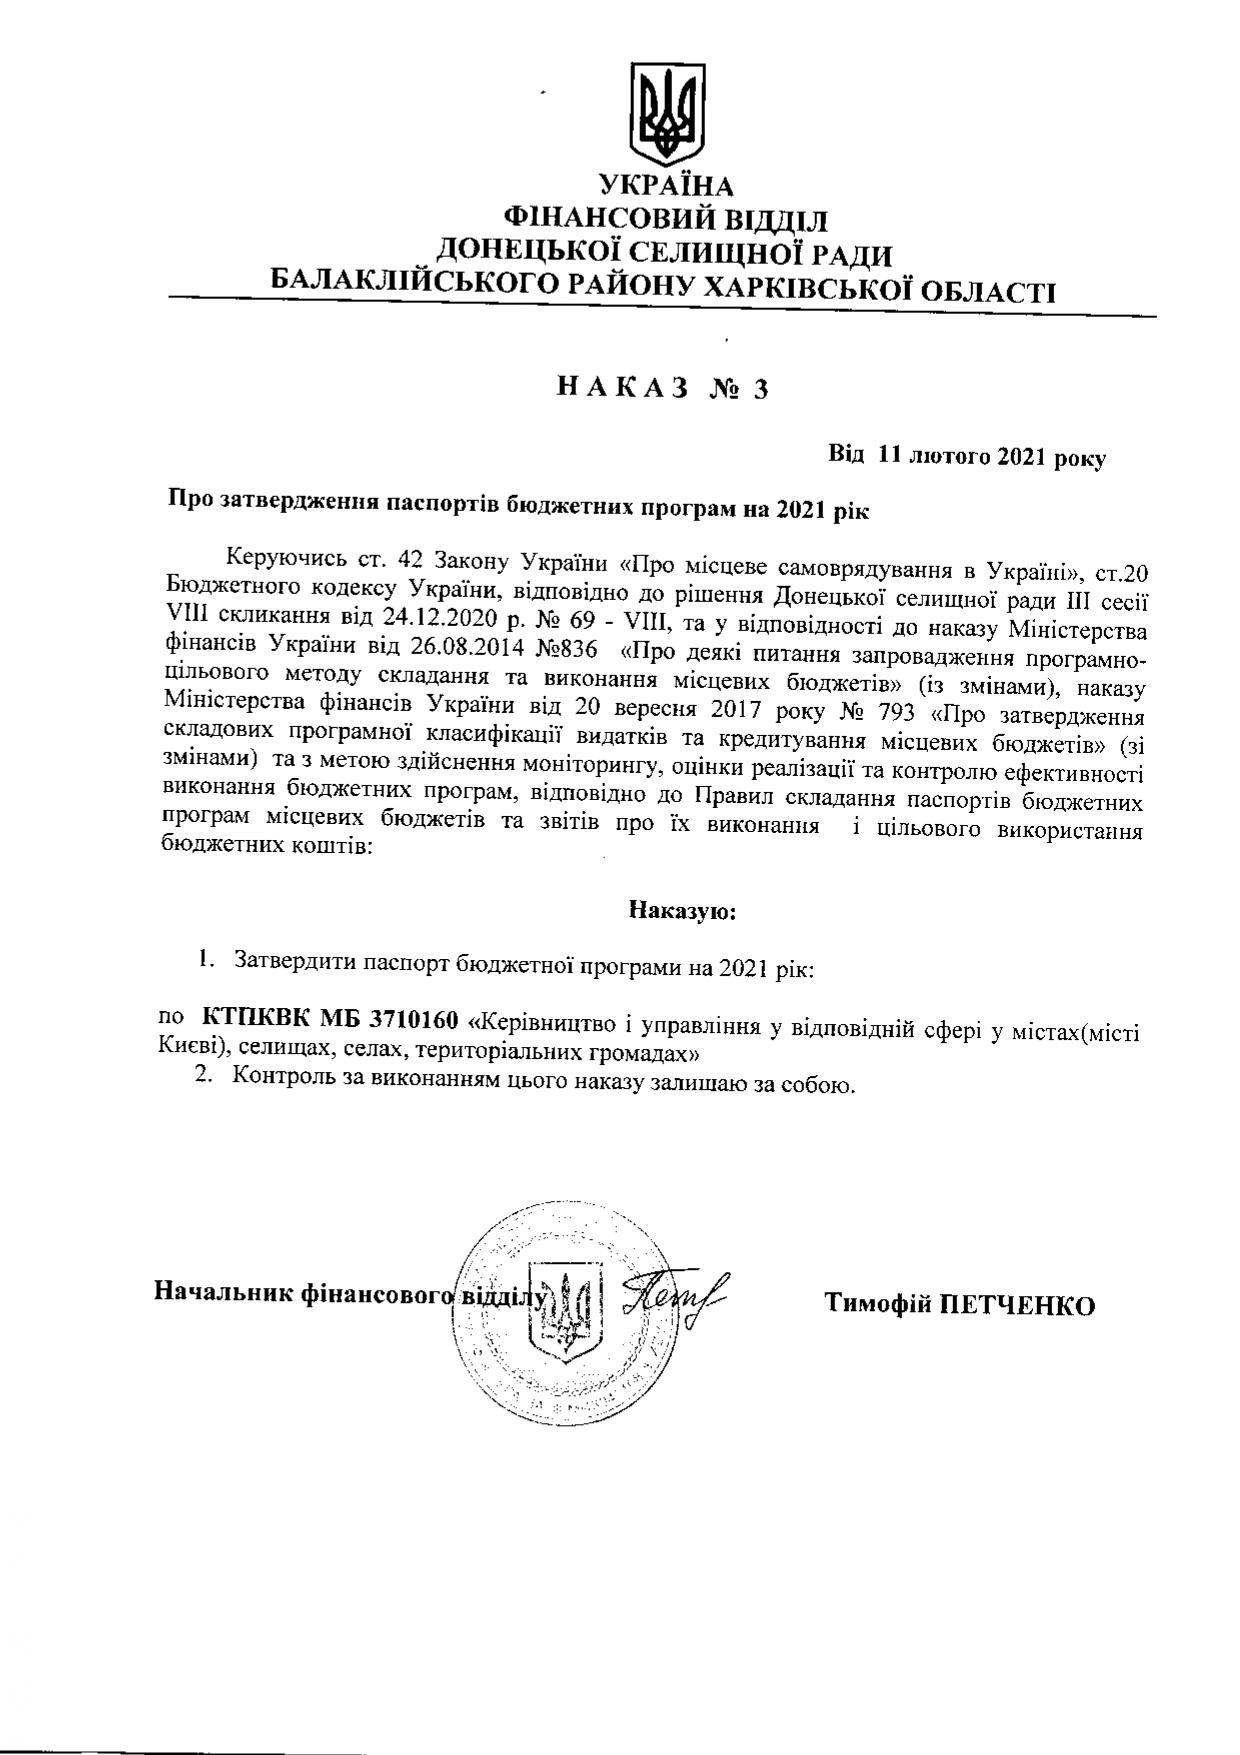 Наказ №3 та ПАСПОРТ бюджетної програми місцевого бюджету на 2021 рік